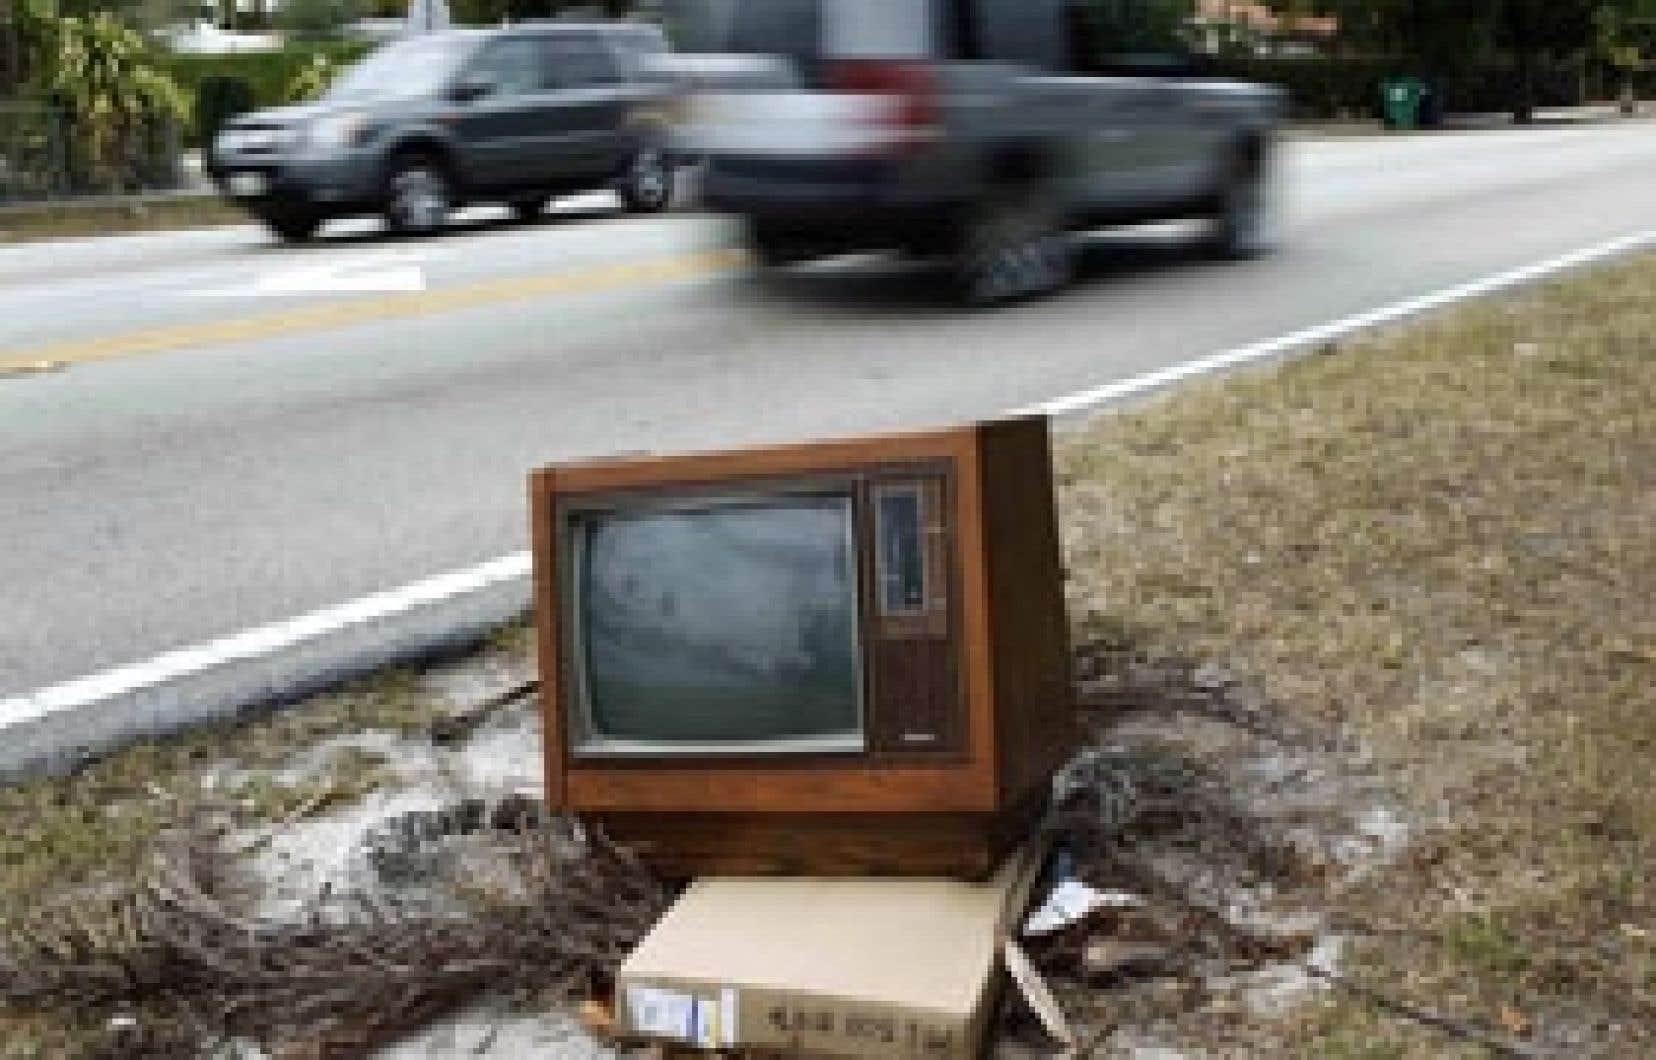 Malgré cette vieille télé abandonnée pour cause de changements technologiques, le petit écran a encore un bel avenir.